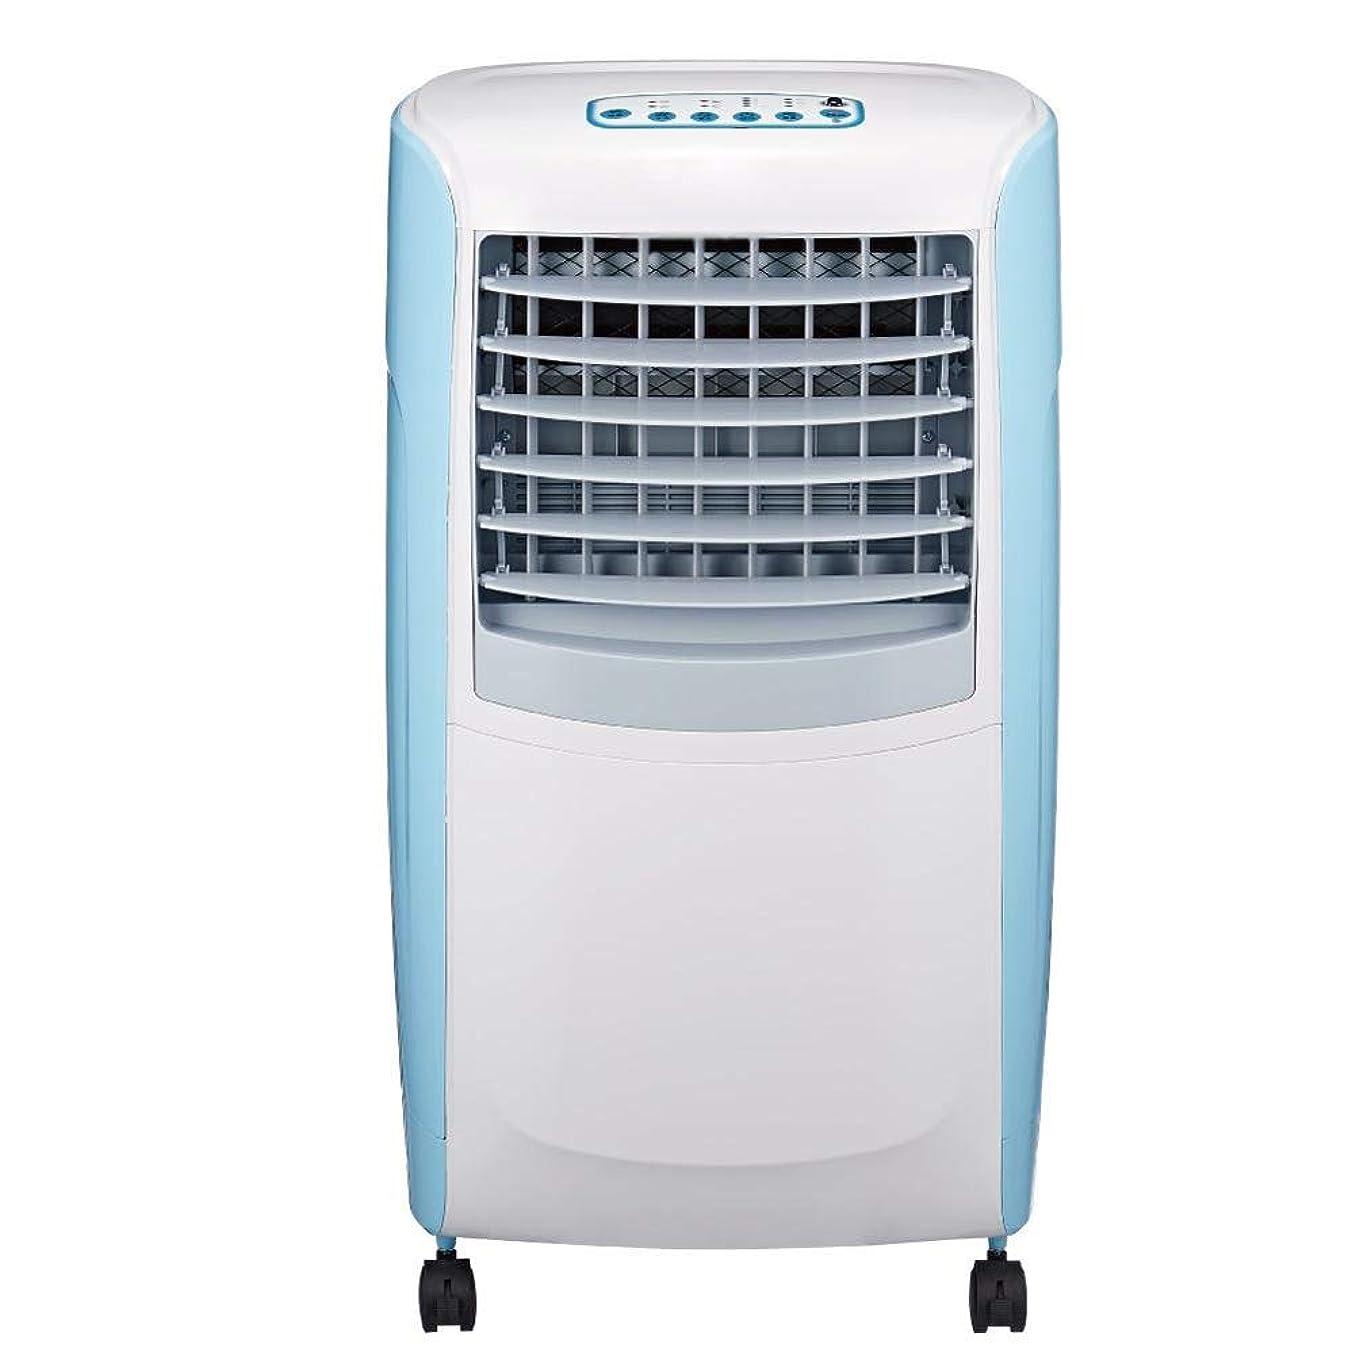 引き付ける反応する手術JYSD 電源オフ保護付きモバイル冷却ファンファンミュートポータブルエアコンクーラー